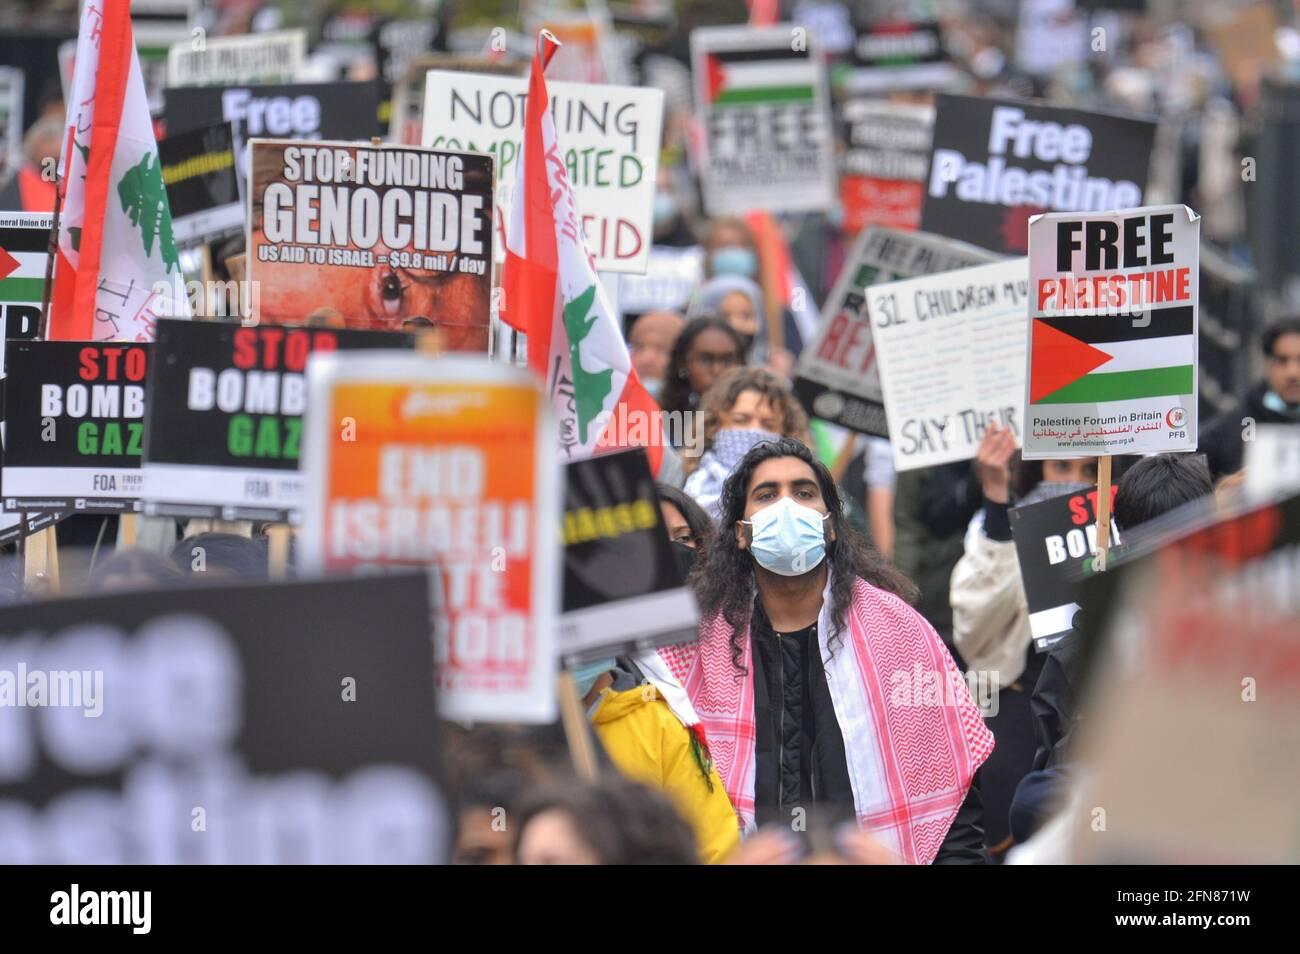 I dimostranti attraversano Hyde Park mentre si dirigono verso l'ambasciata israeliana a Londra, durante una marcia di solidarietà con il popolo palestinese in mezzo al conflitto in corso con Israele. Data immagine: Sabato 15 maggio 2021. Foto Stock